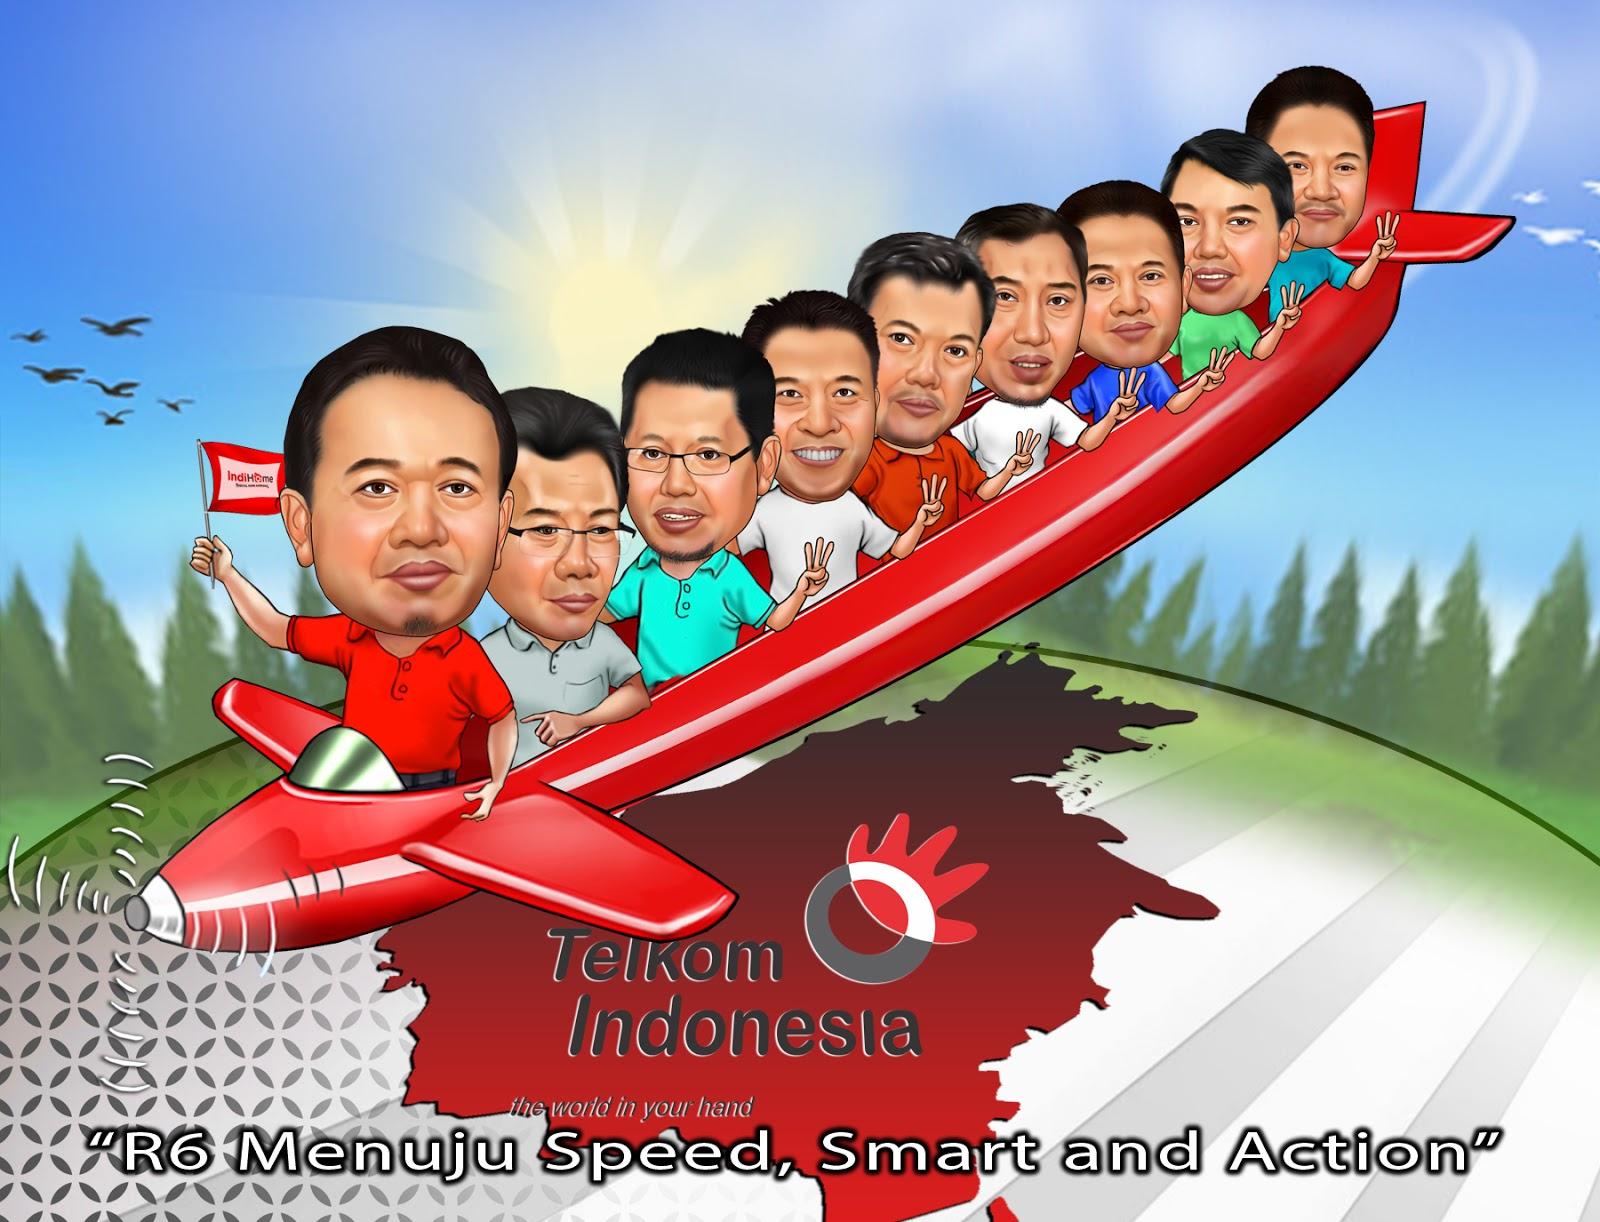 Telkom Indonesia Jasa Pembuatan Karikatur Balikpapan